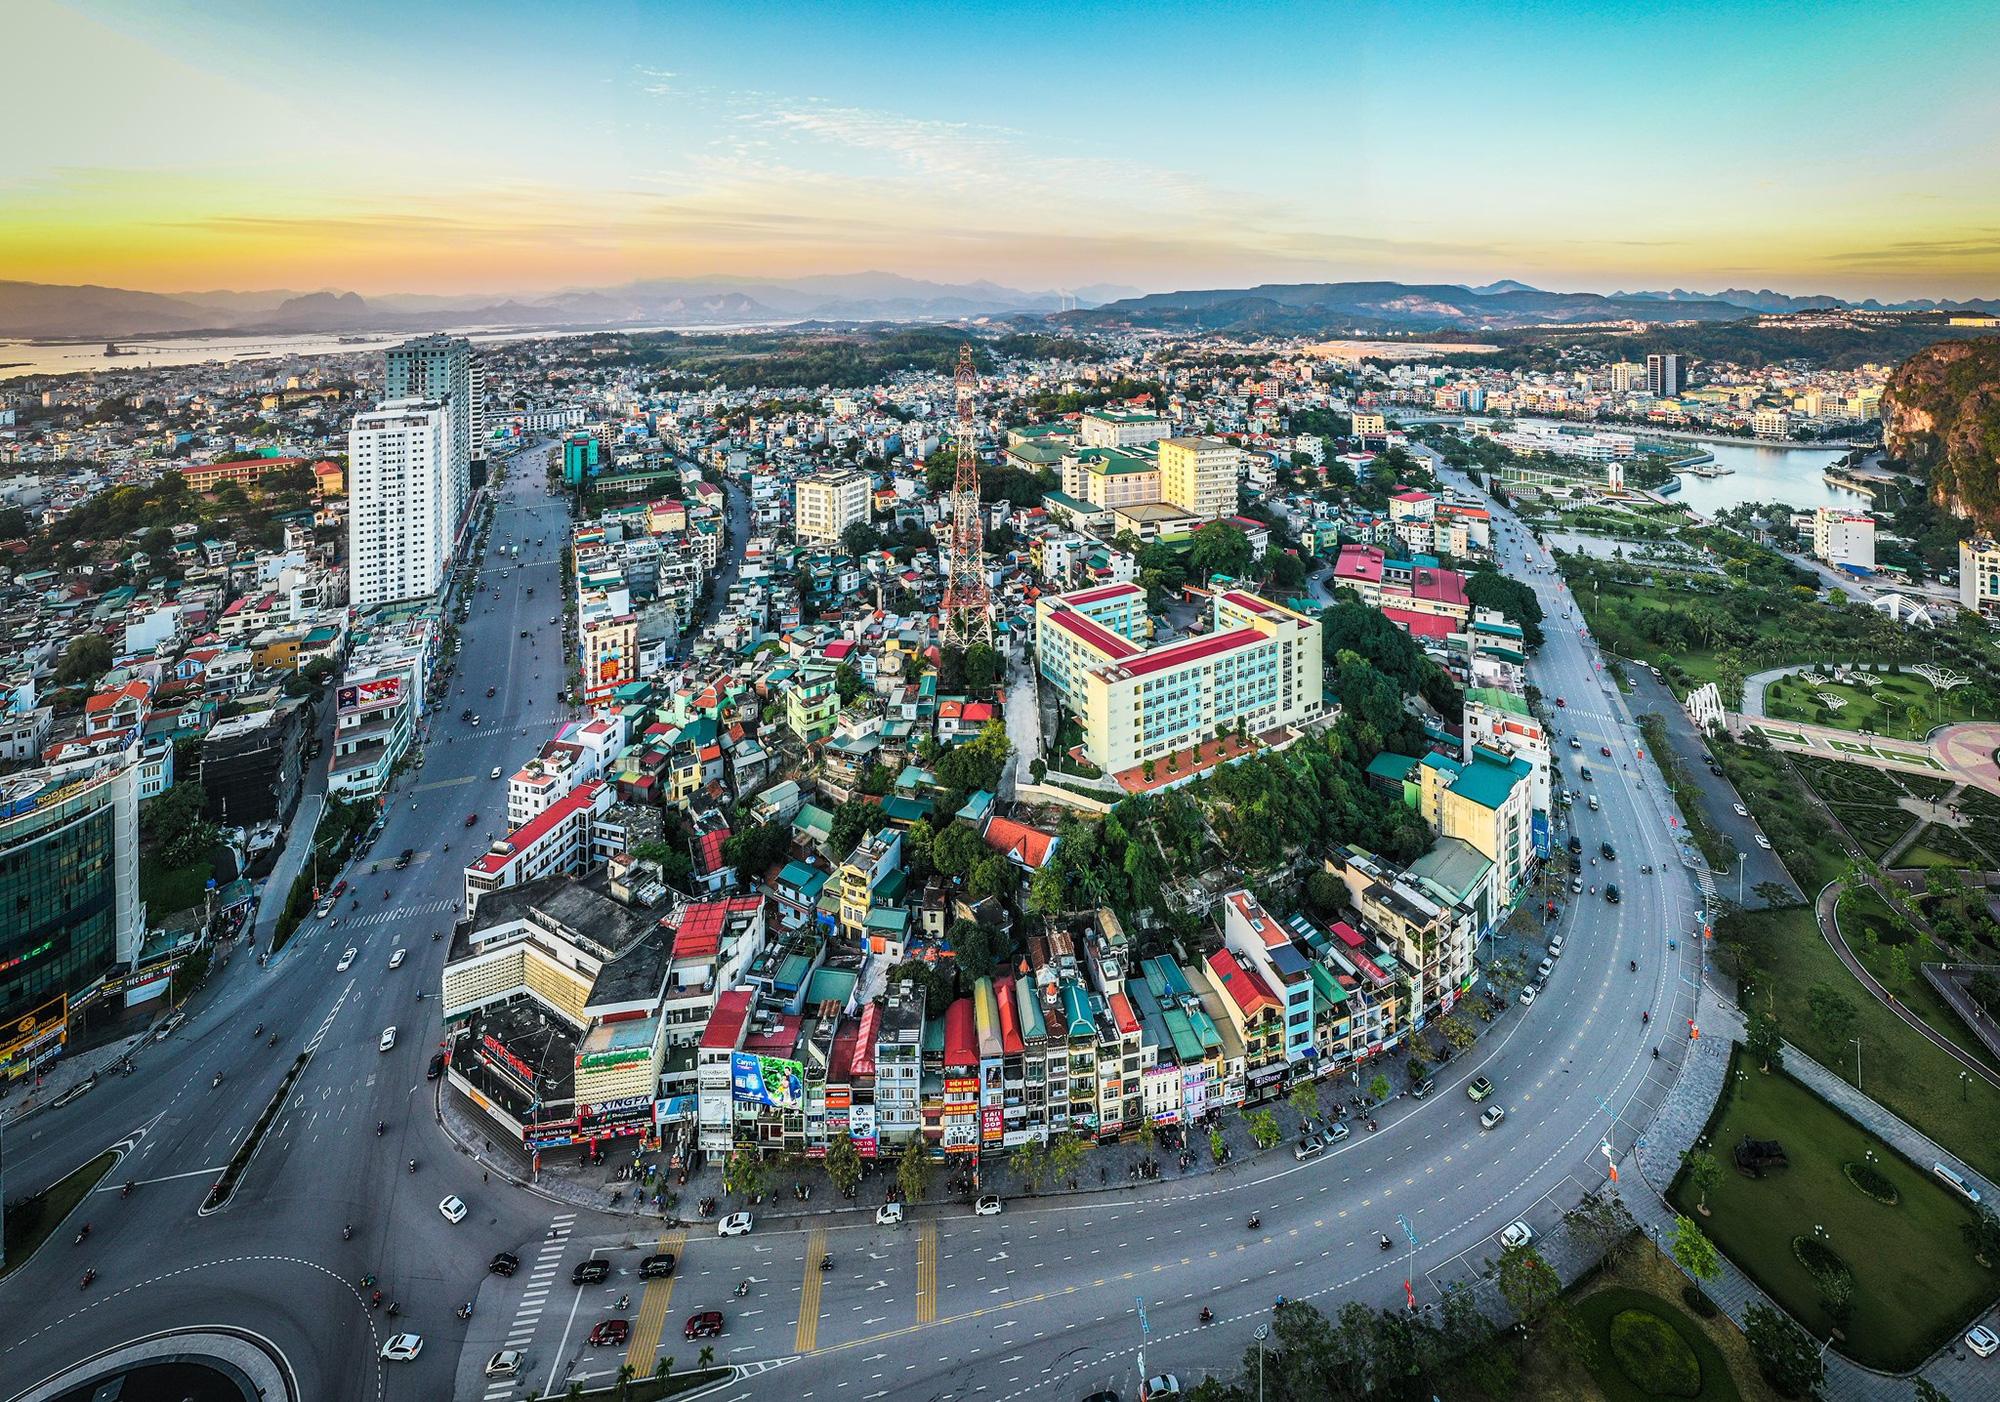 Quảng Ninh hủy hàng loạt quy hoạch dự án nghỉ dưỡng, khu đô thị tại Vân Đồn, Hạ Long - Ảnh 1.